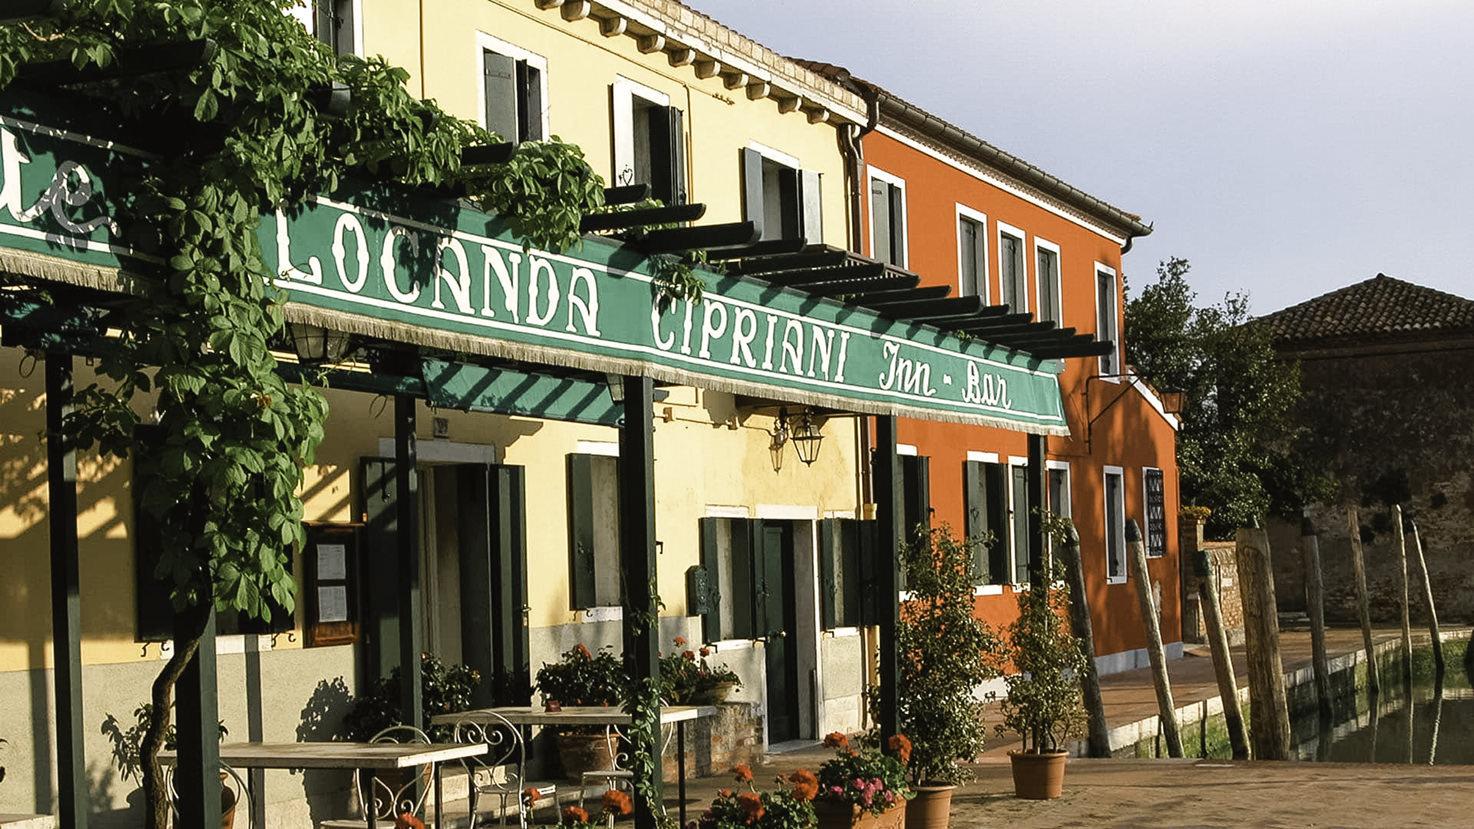 Façade of Locanda Cipriani, Venice